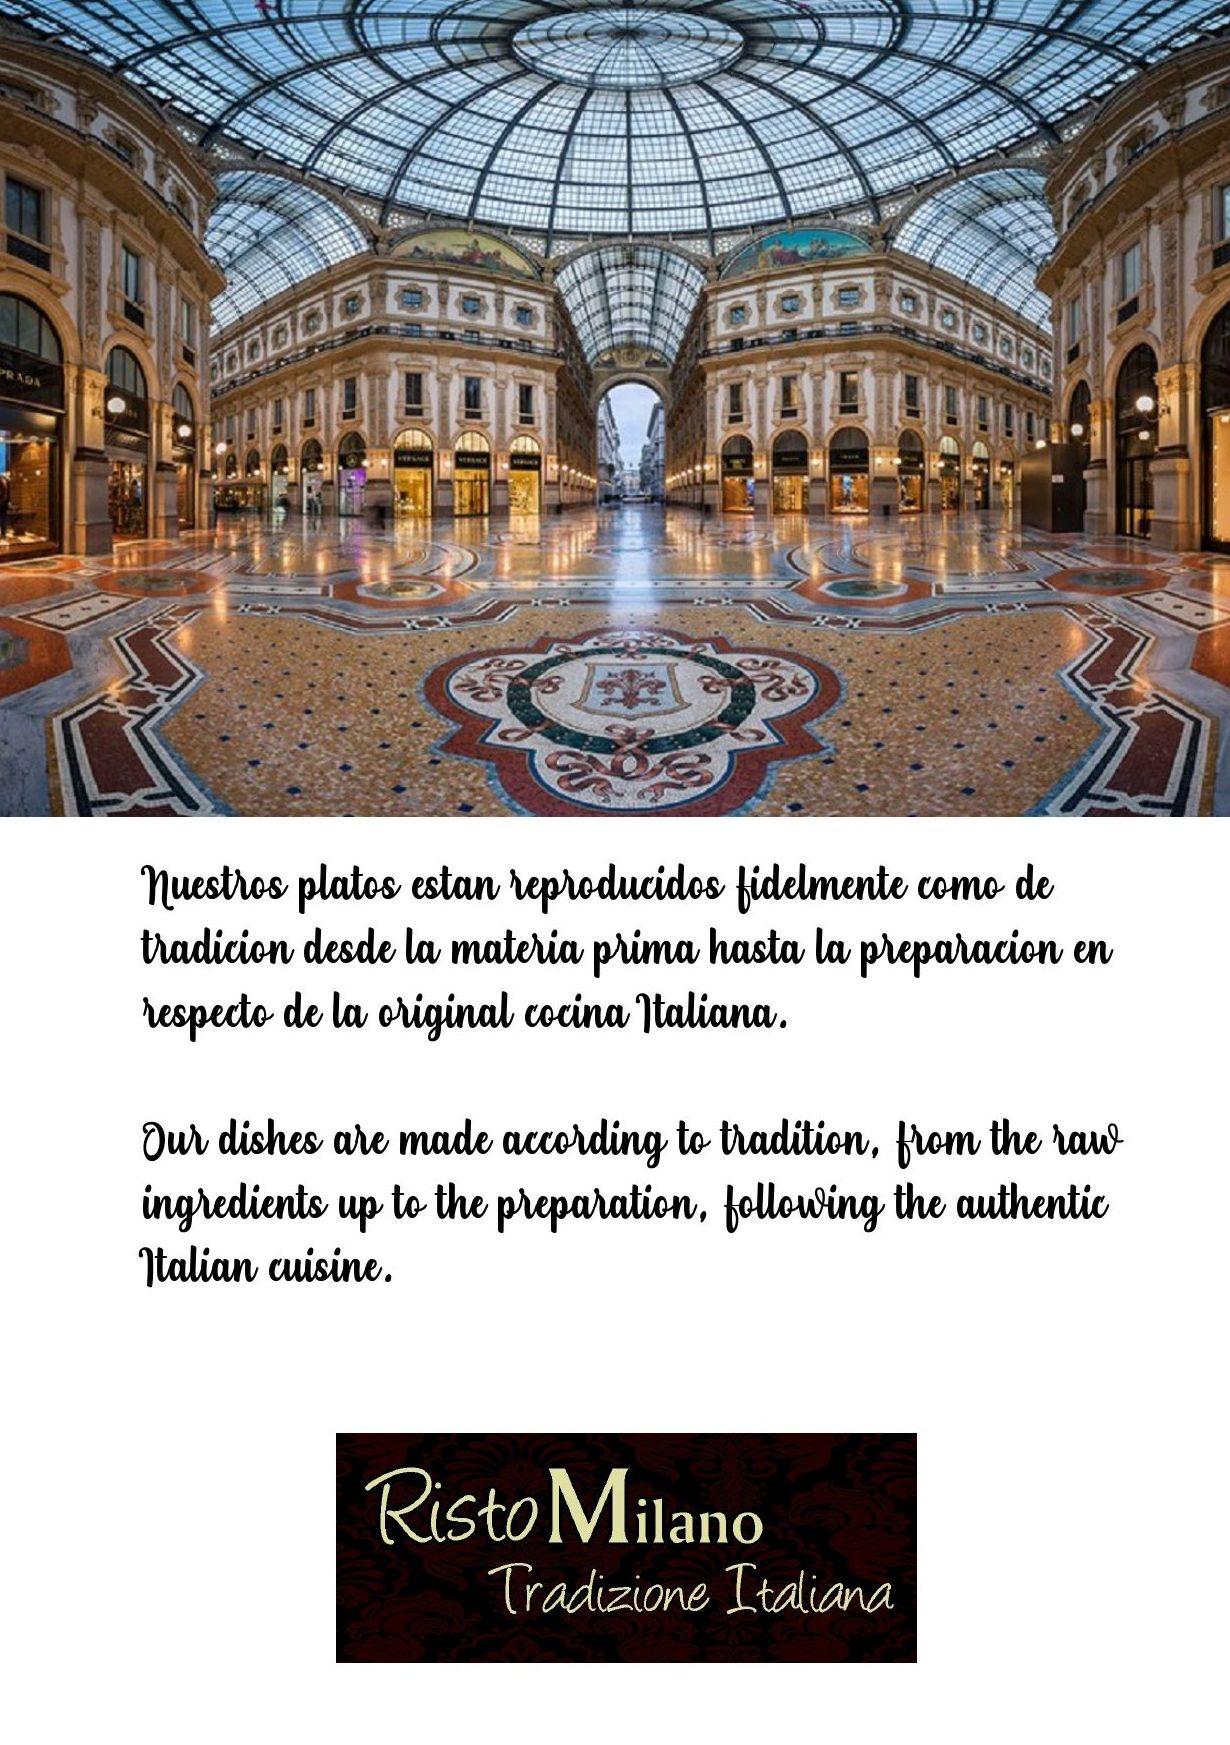 Foto 6 de Restaurante de cocina italiana en  | Risto Milano Benalmádena